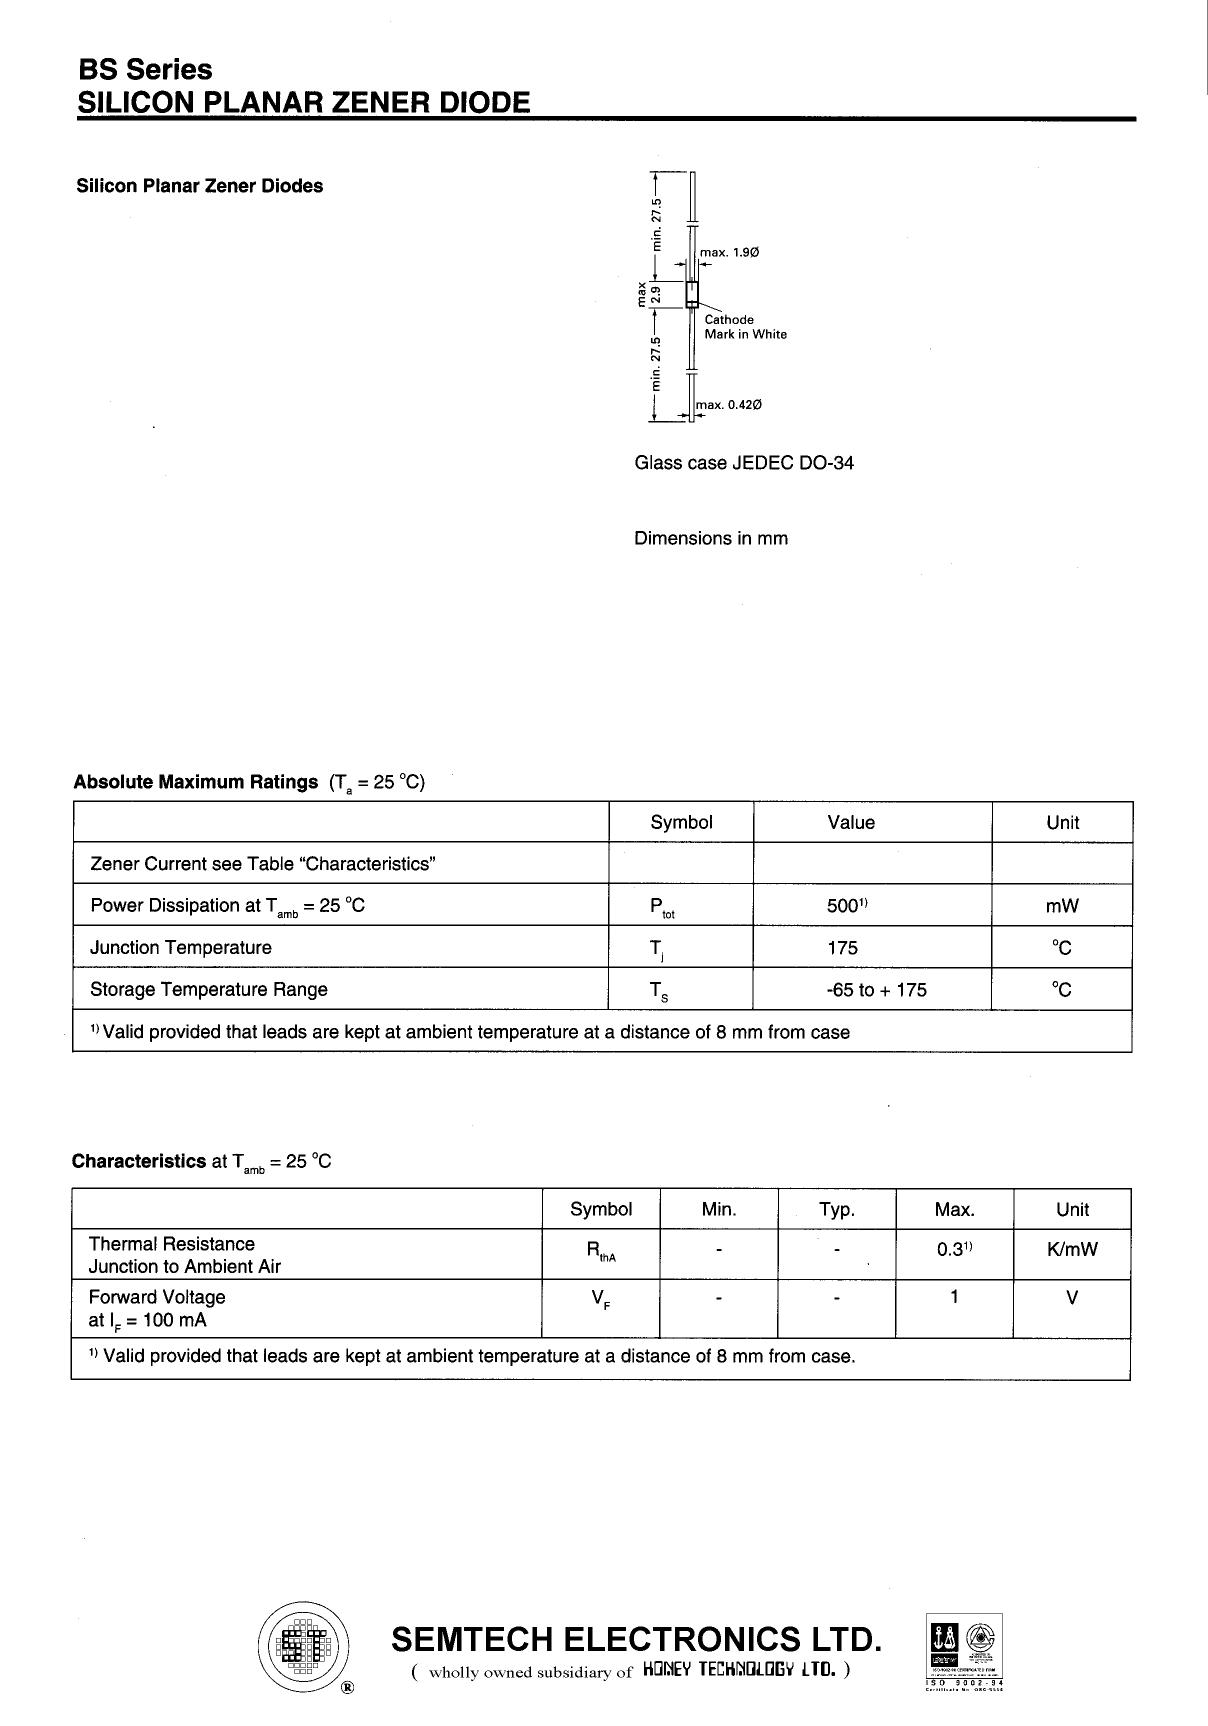 7.5BSB Hoja de datos, Descripción, Manual